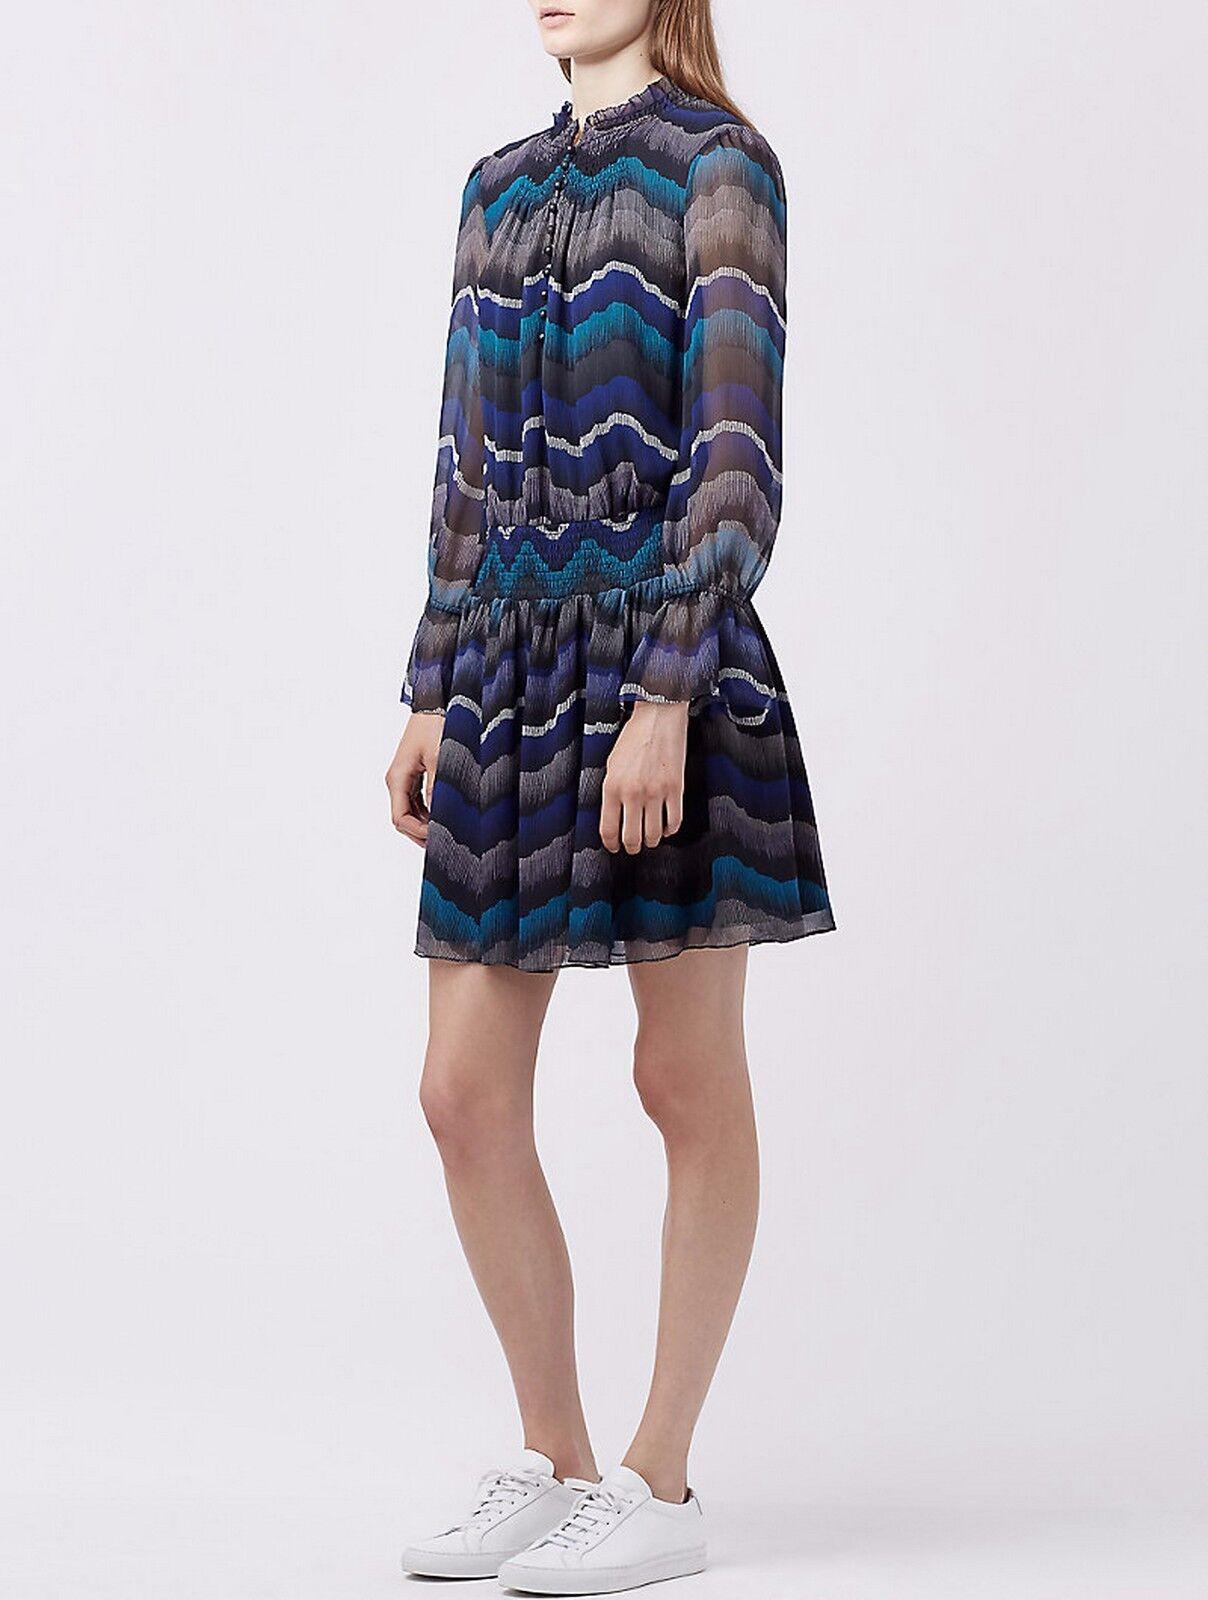 Neuf avec étiquettes Diane Von Furstenberg DVF Imprimer Bell hommeches 100% Soie Robe, sz 6, les fabricants Standard prix de détail  398